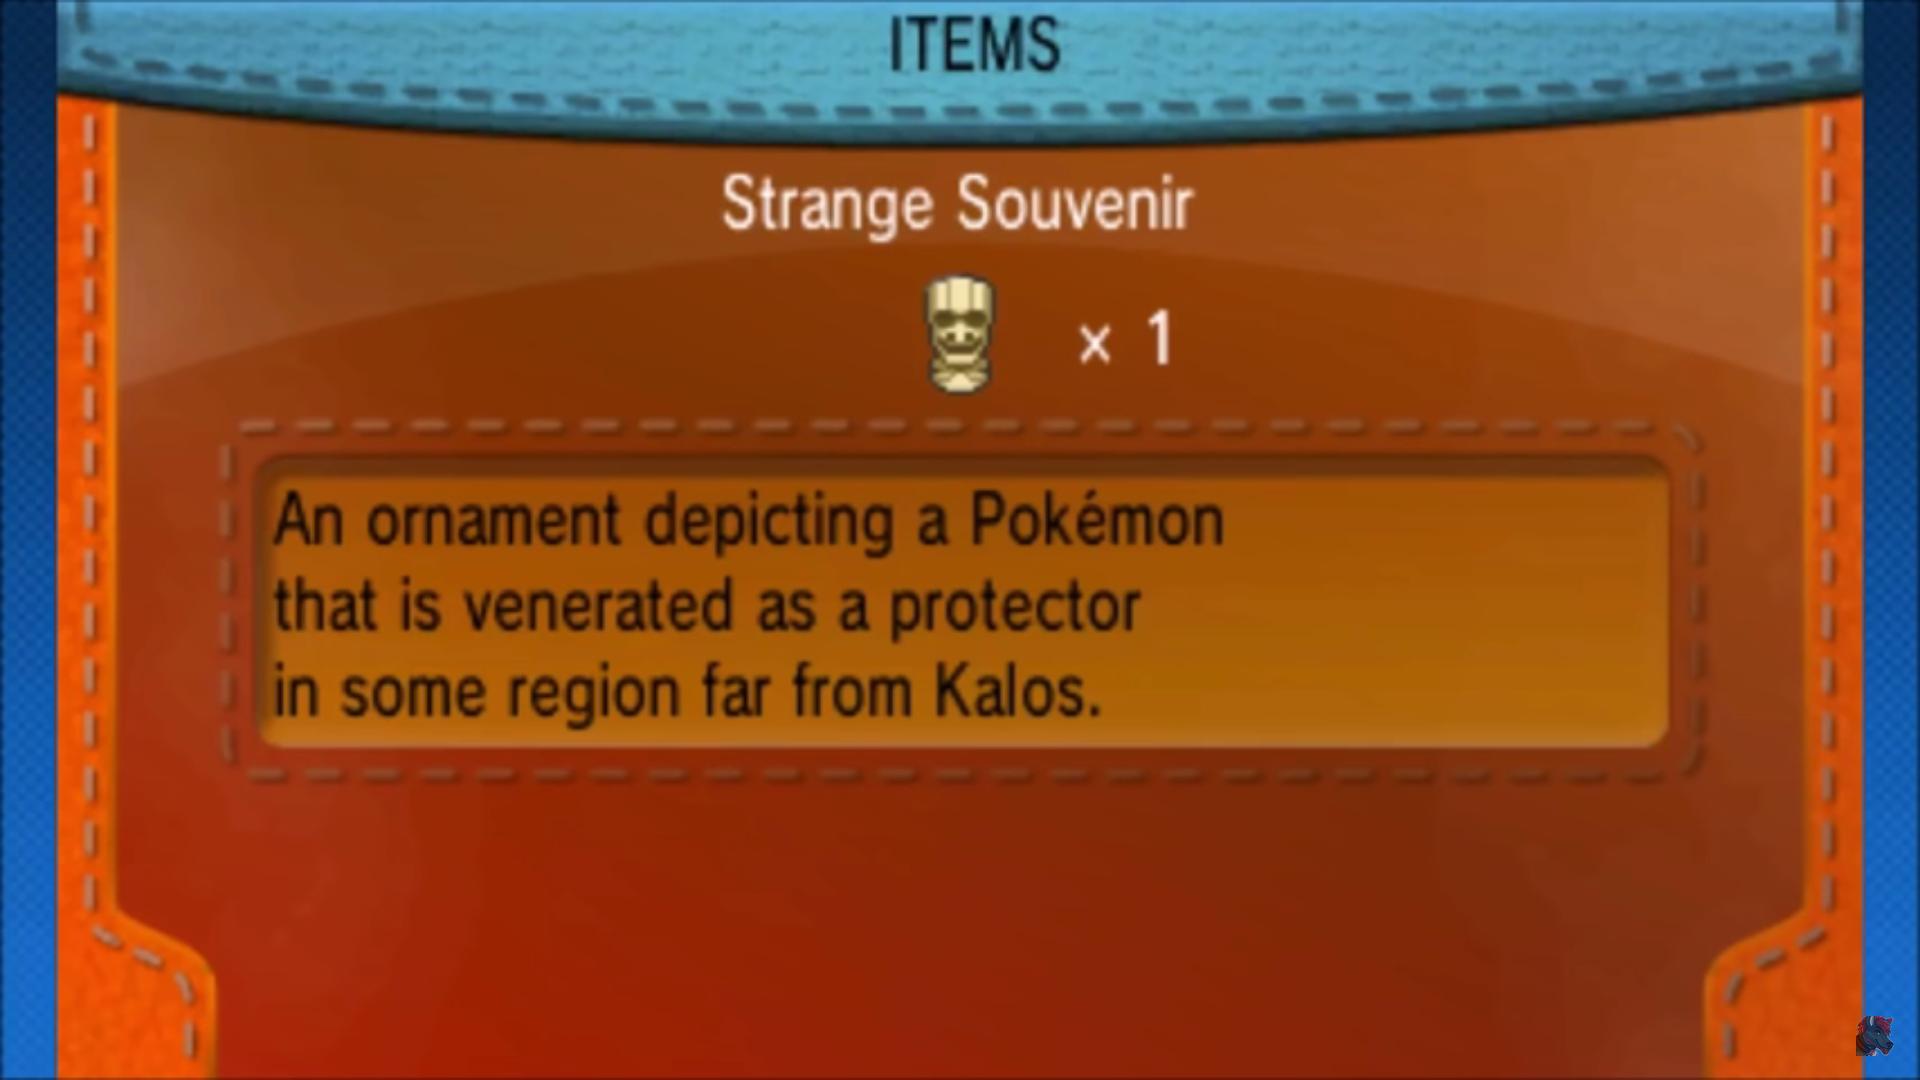 Strange Souvenir